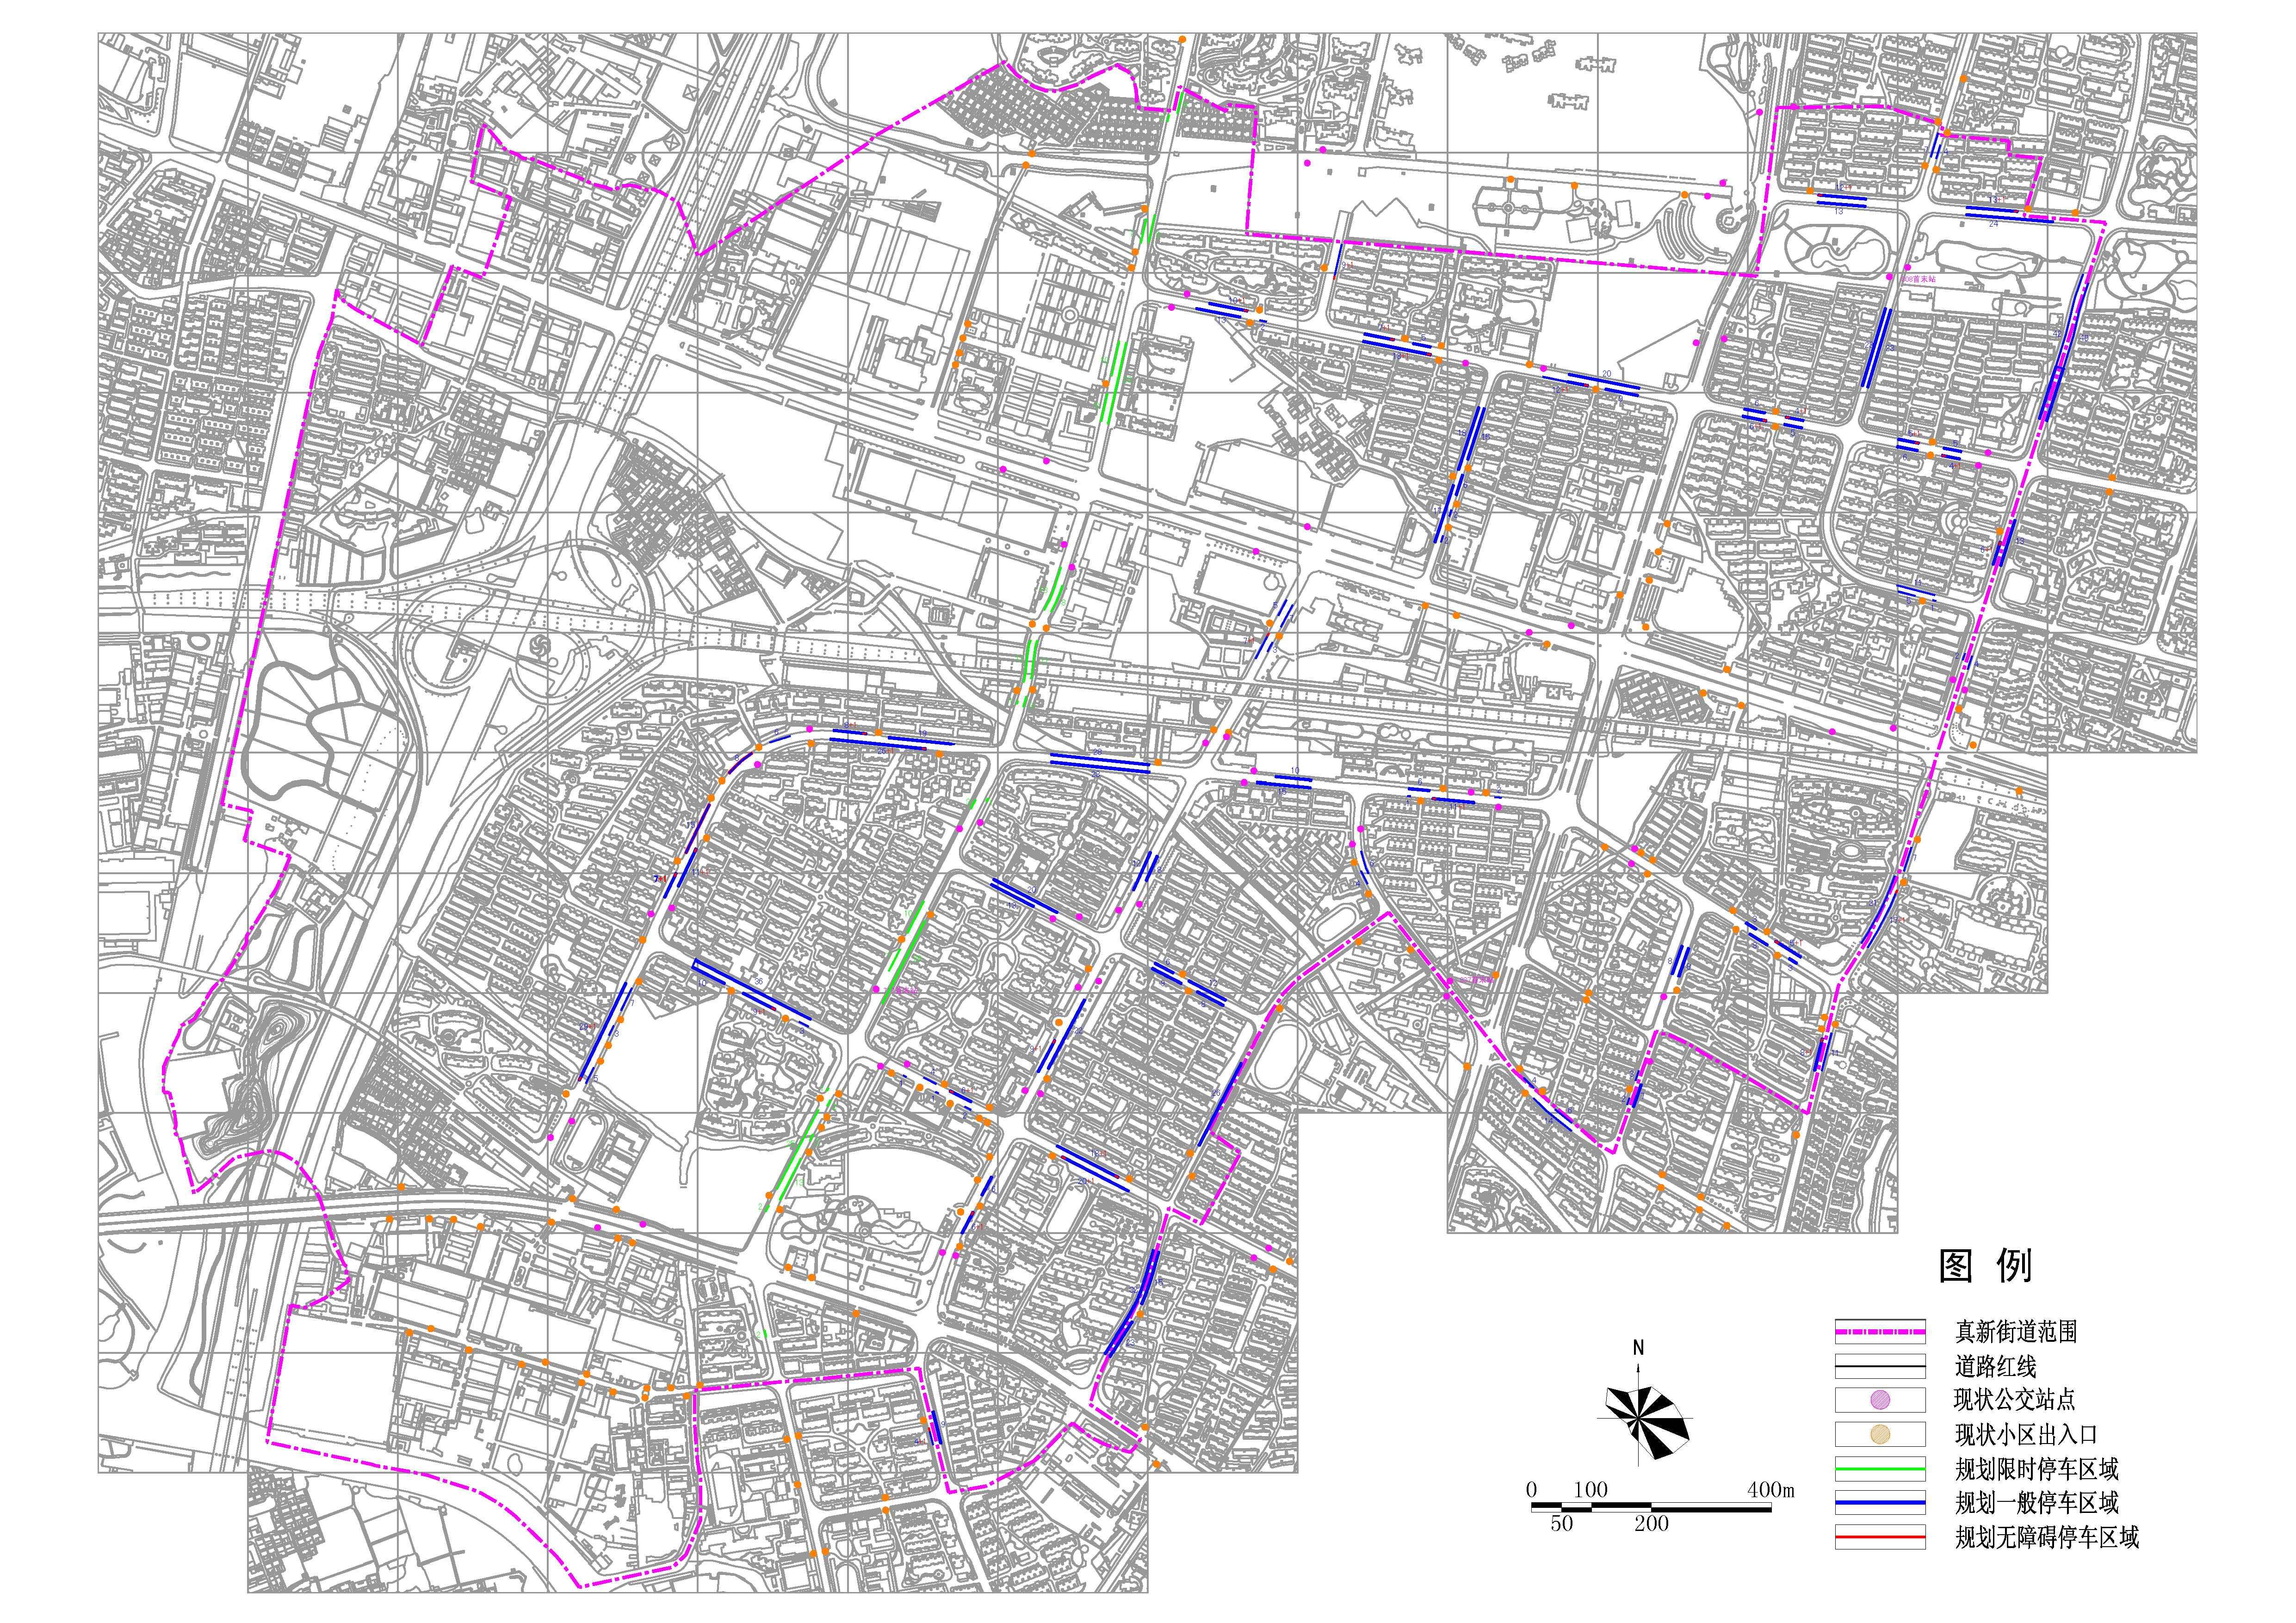 路内停车泊位规划图